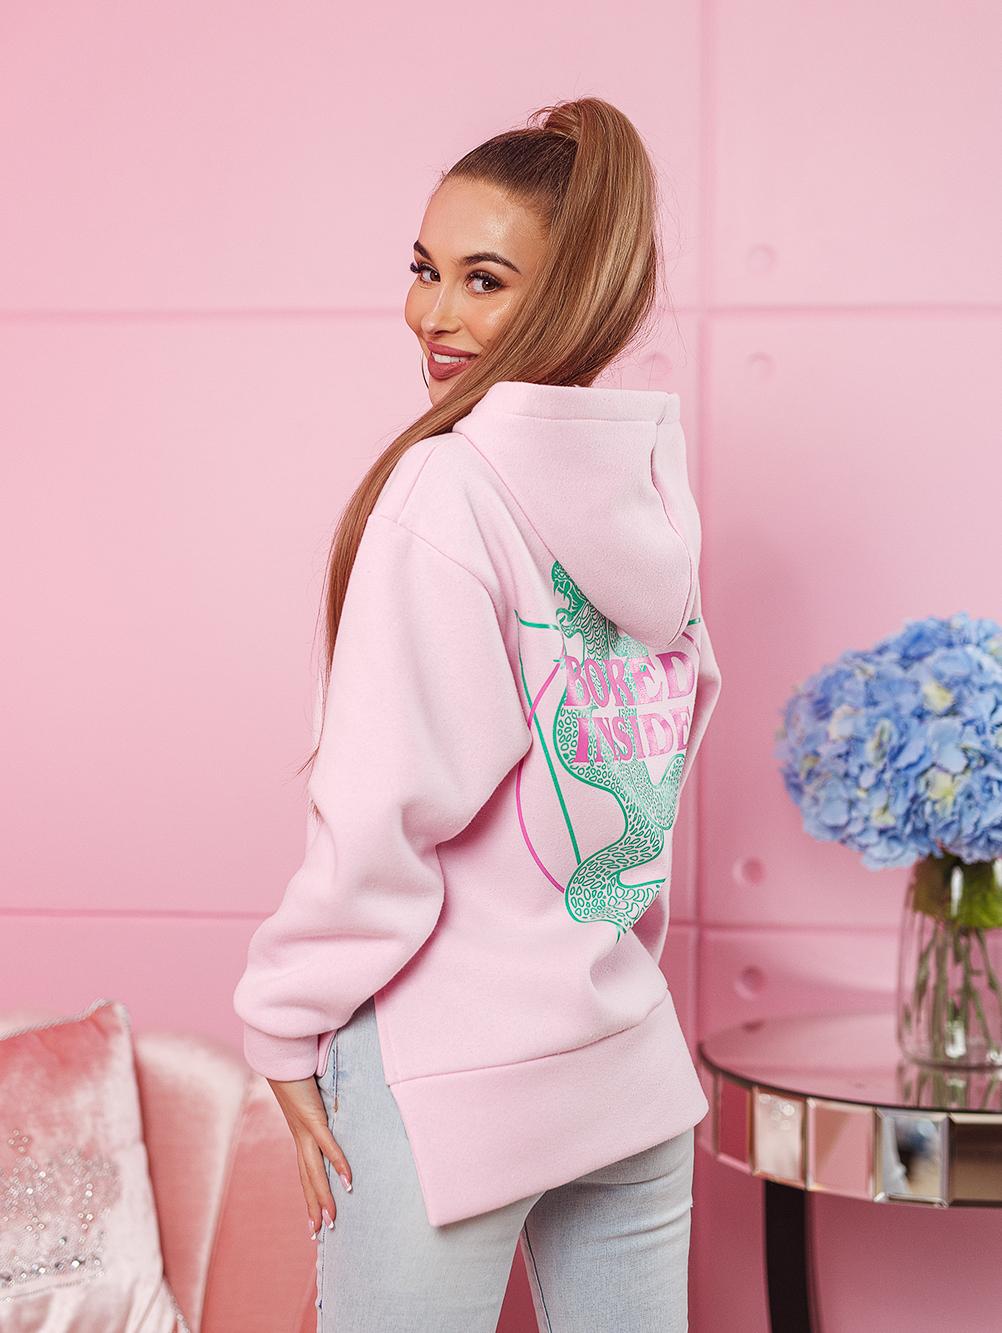 bluza damska bawelniana z zamkami po bokach nadruk na plecach i na piersi jasny roz (1)